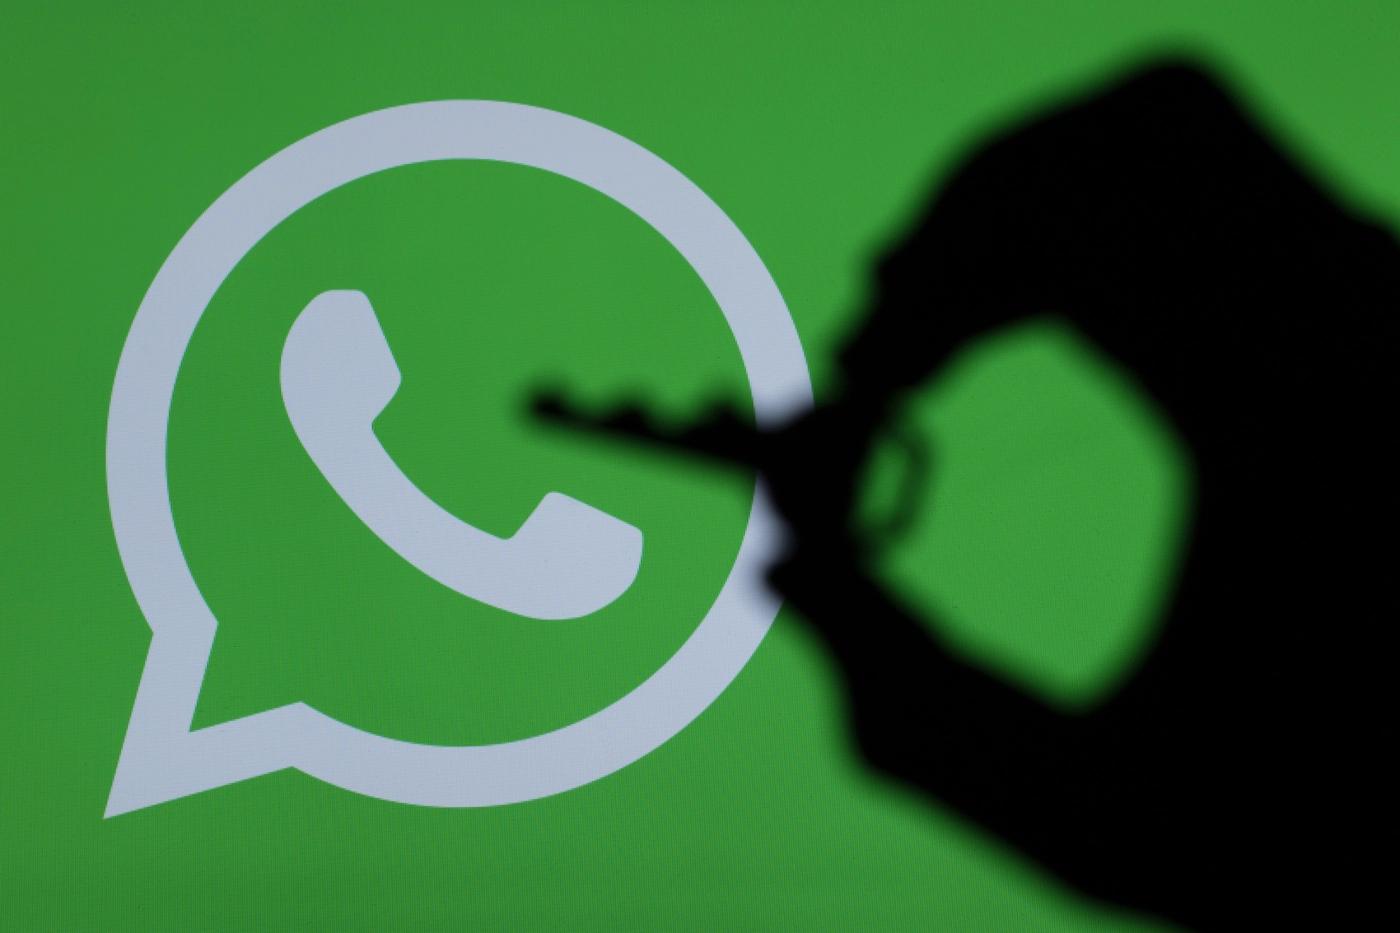 WhatsApp nu va mai funcționa de la 1 iulie pe aceste telefoanev